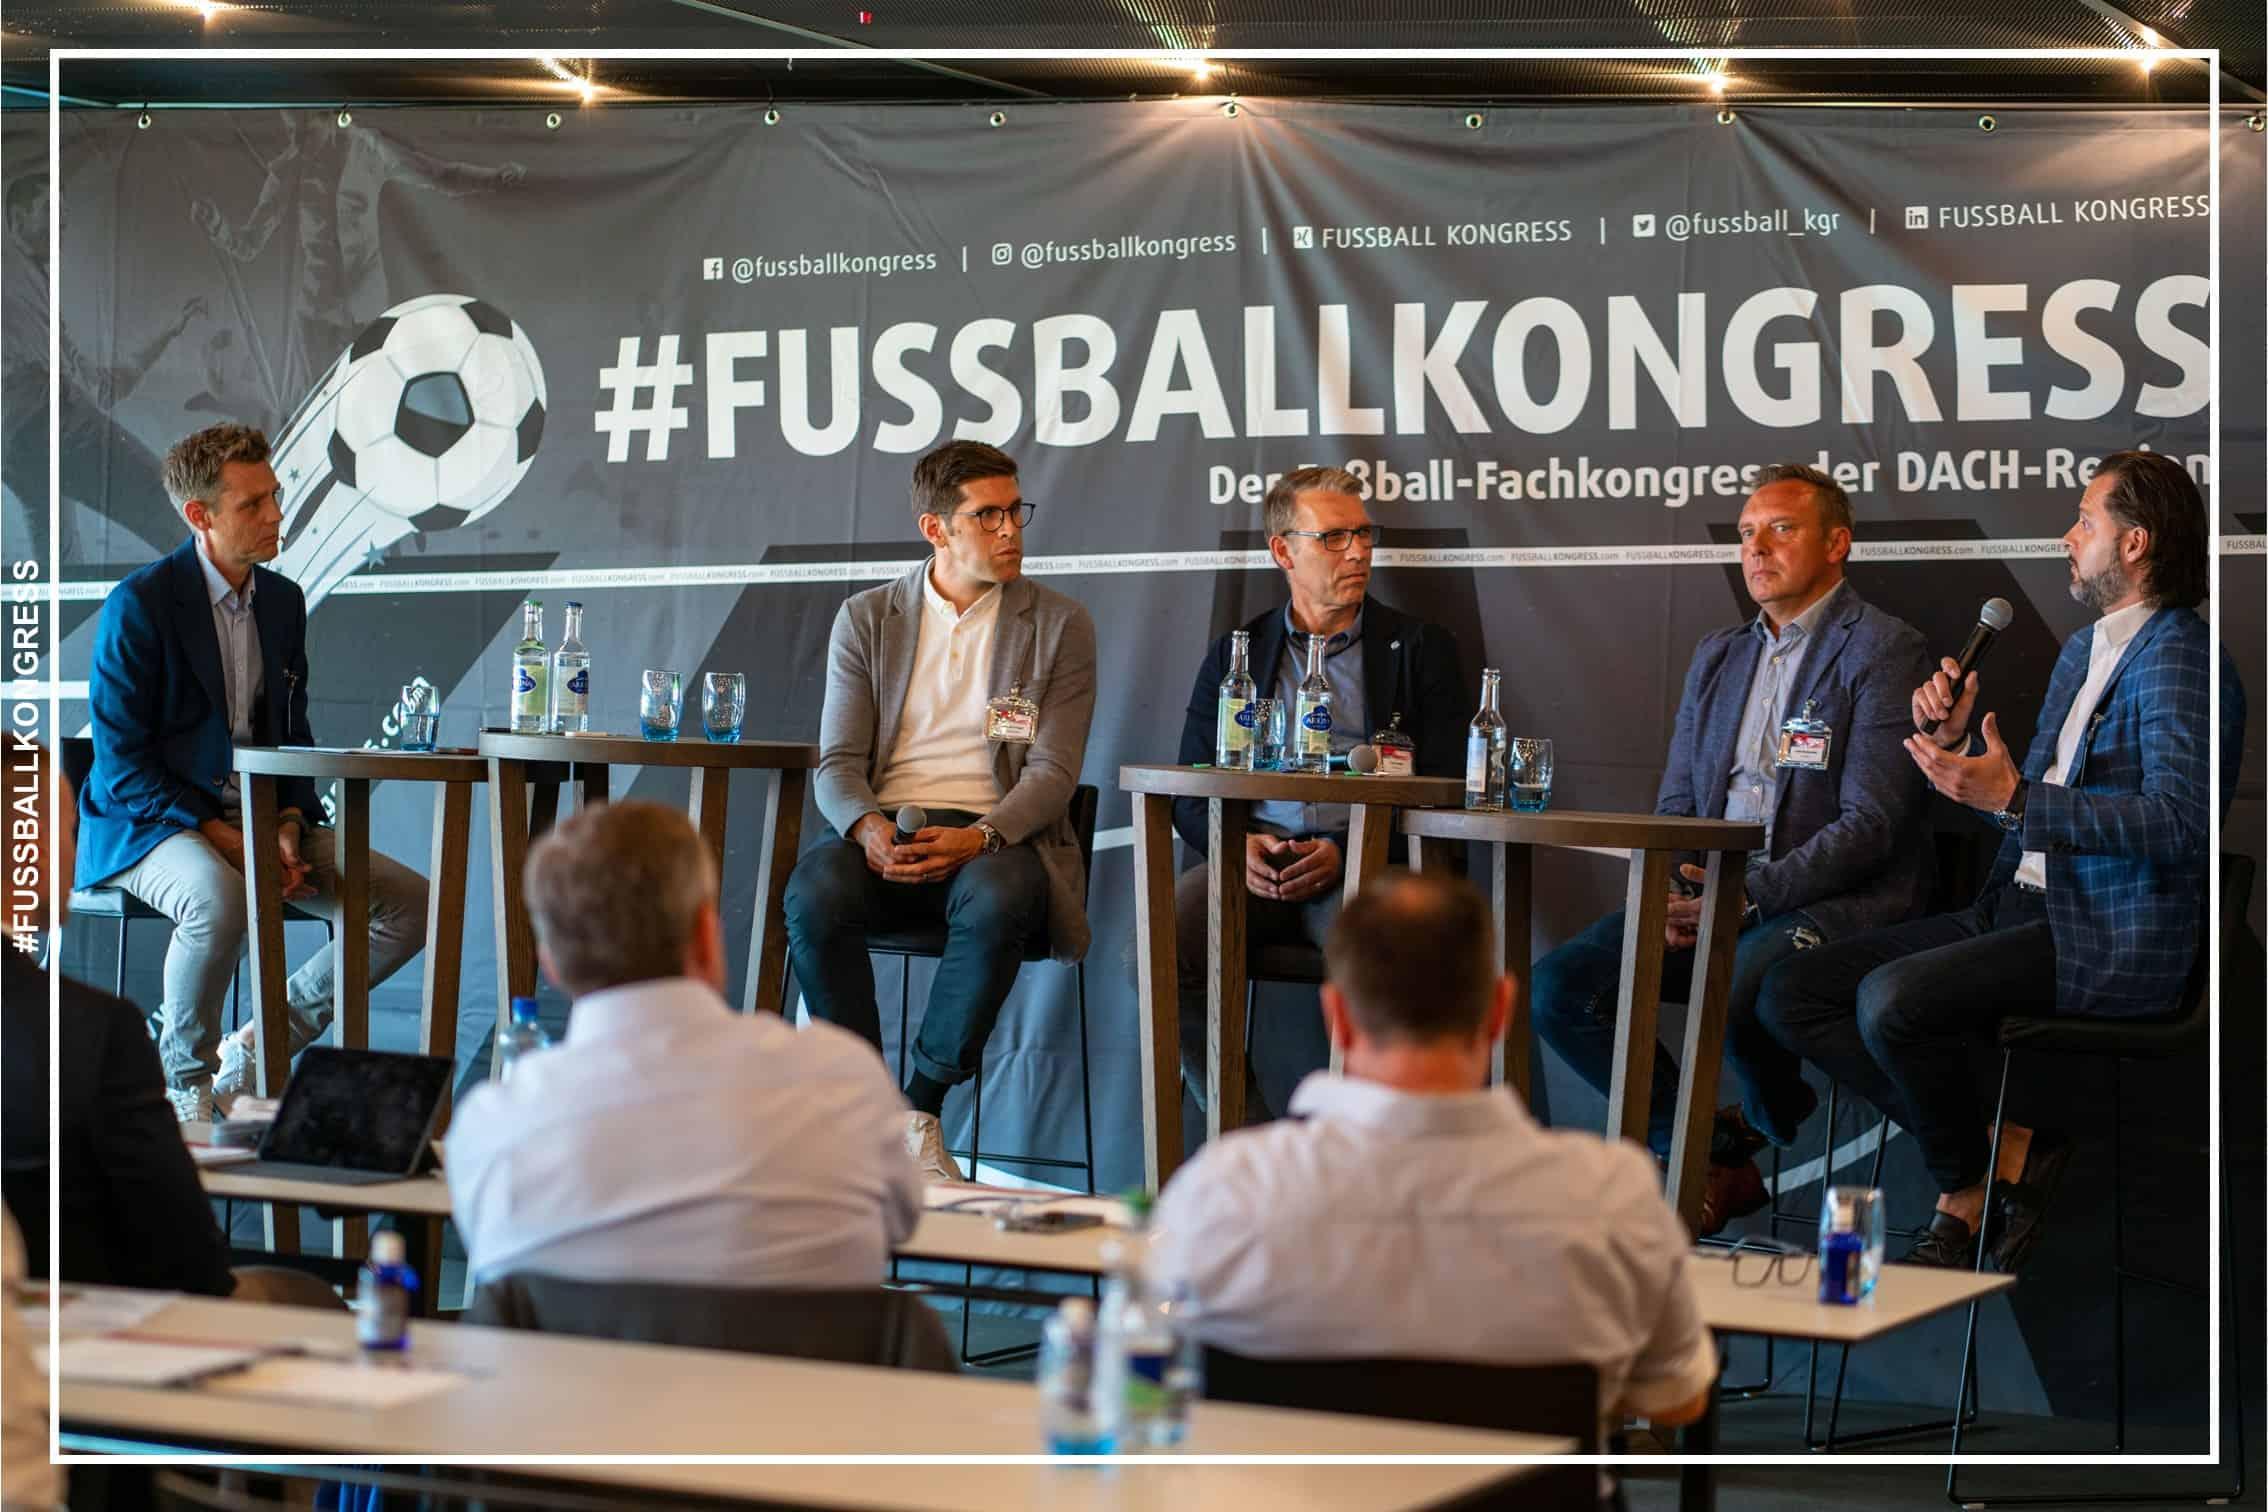 FUSSBALL KONGRESS Schweiz in Basel